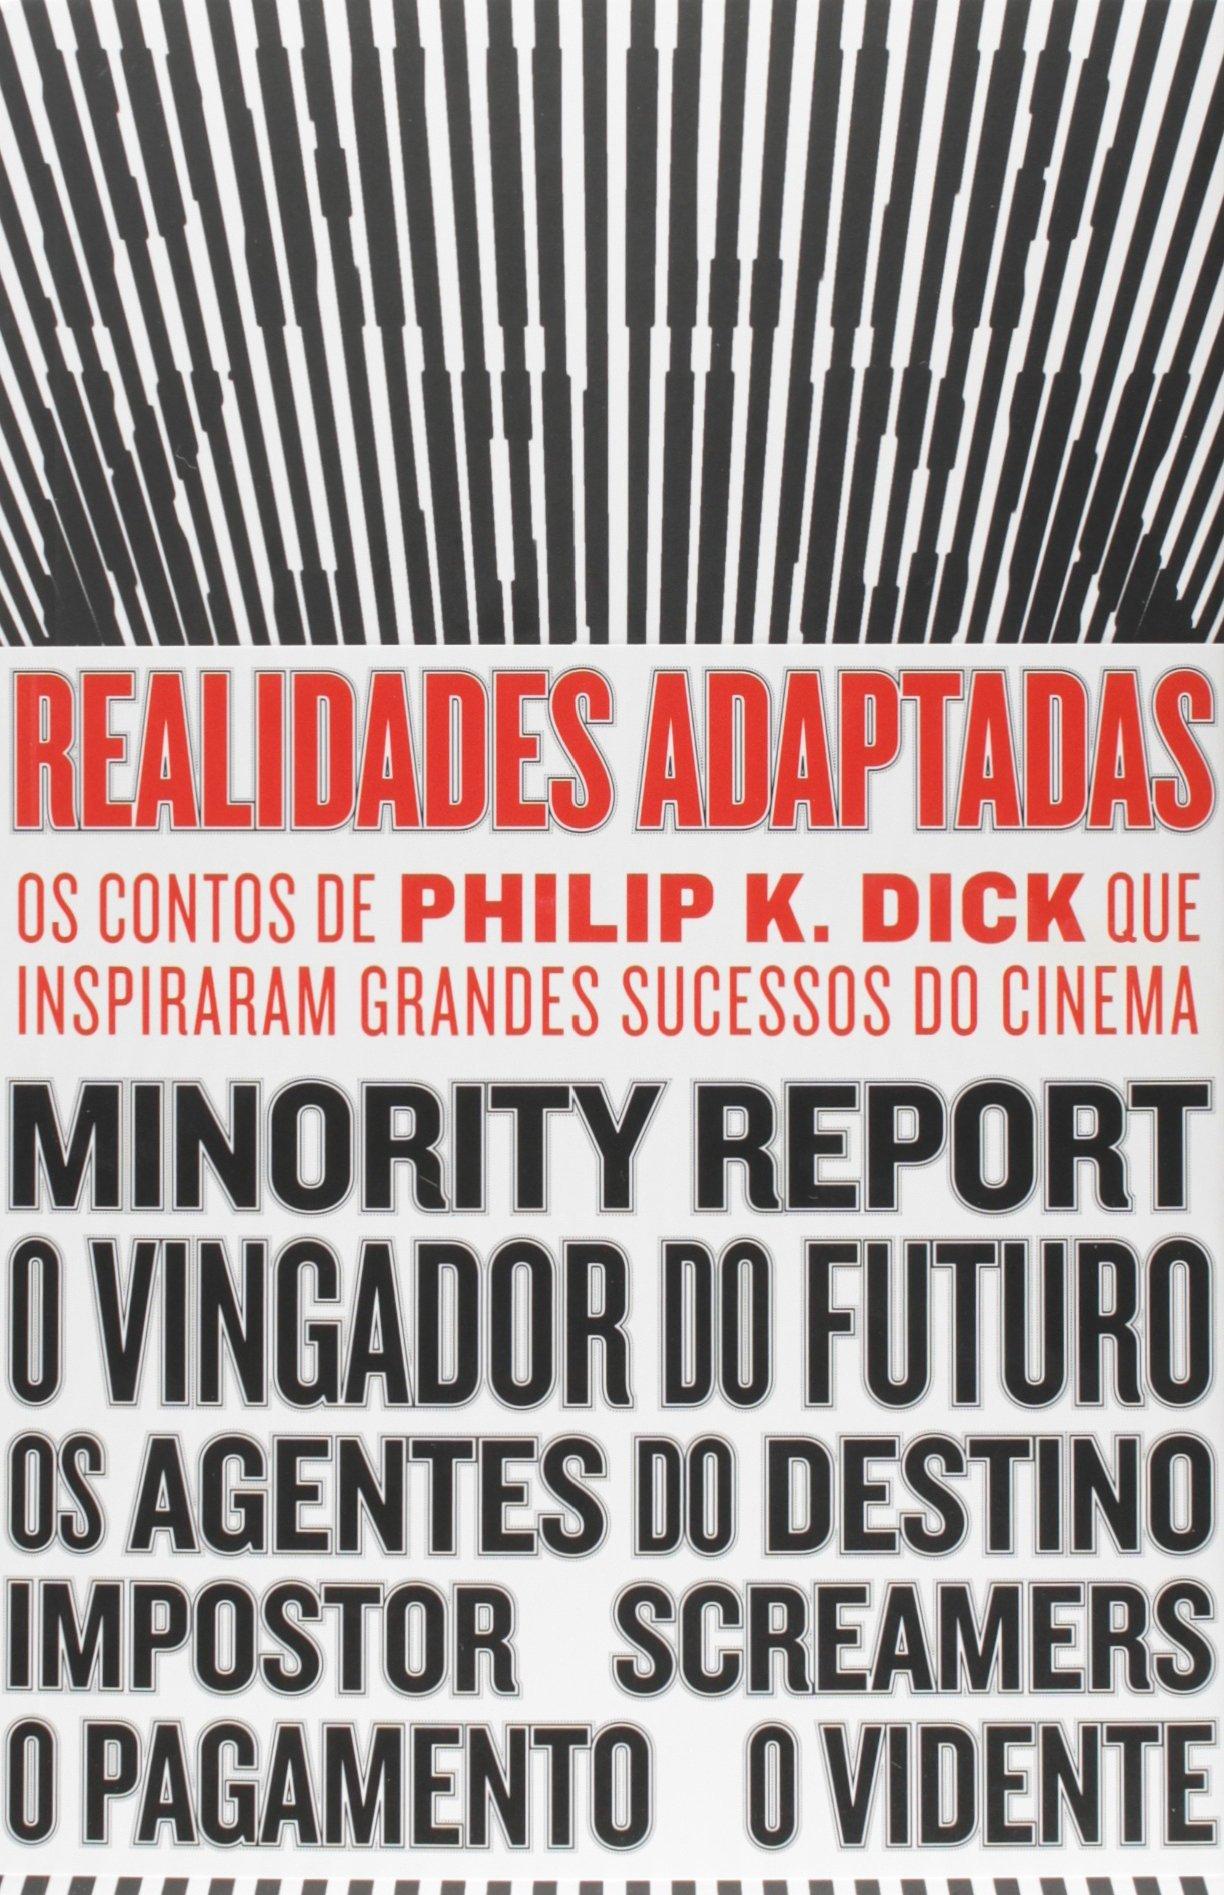 Realidades adaptadas | Philip K. Dick